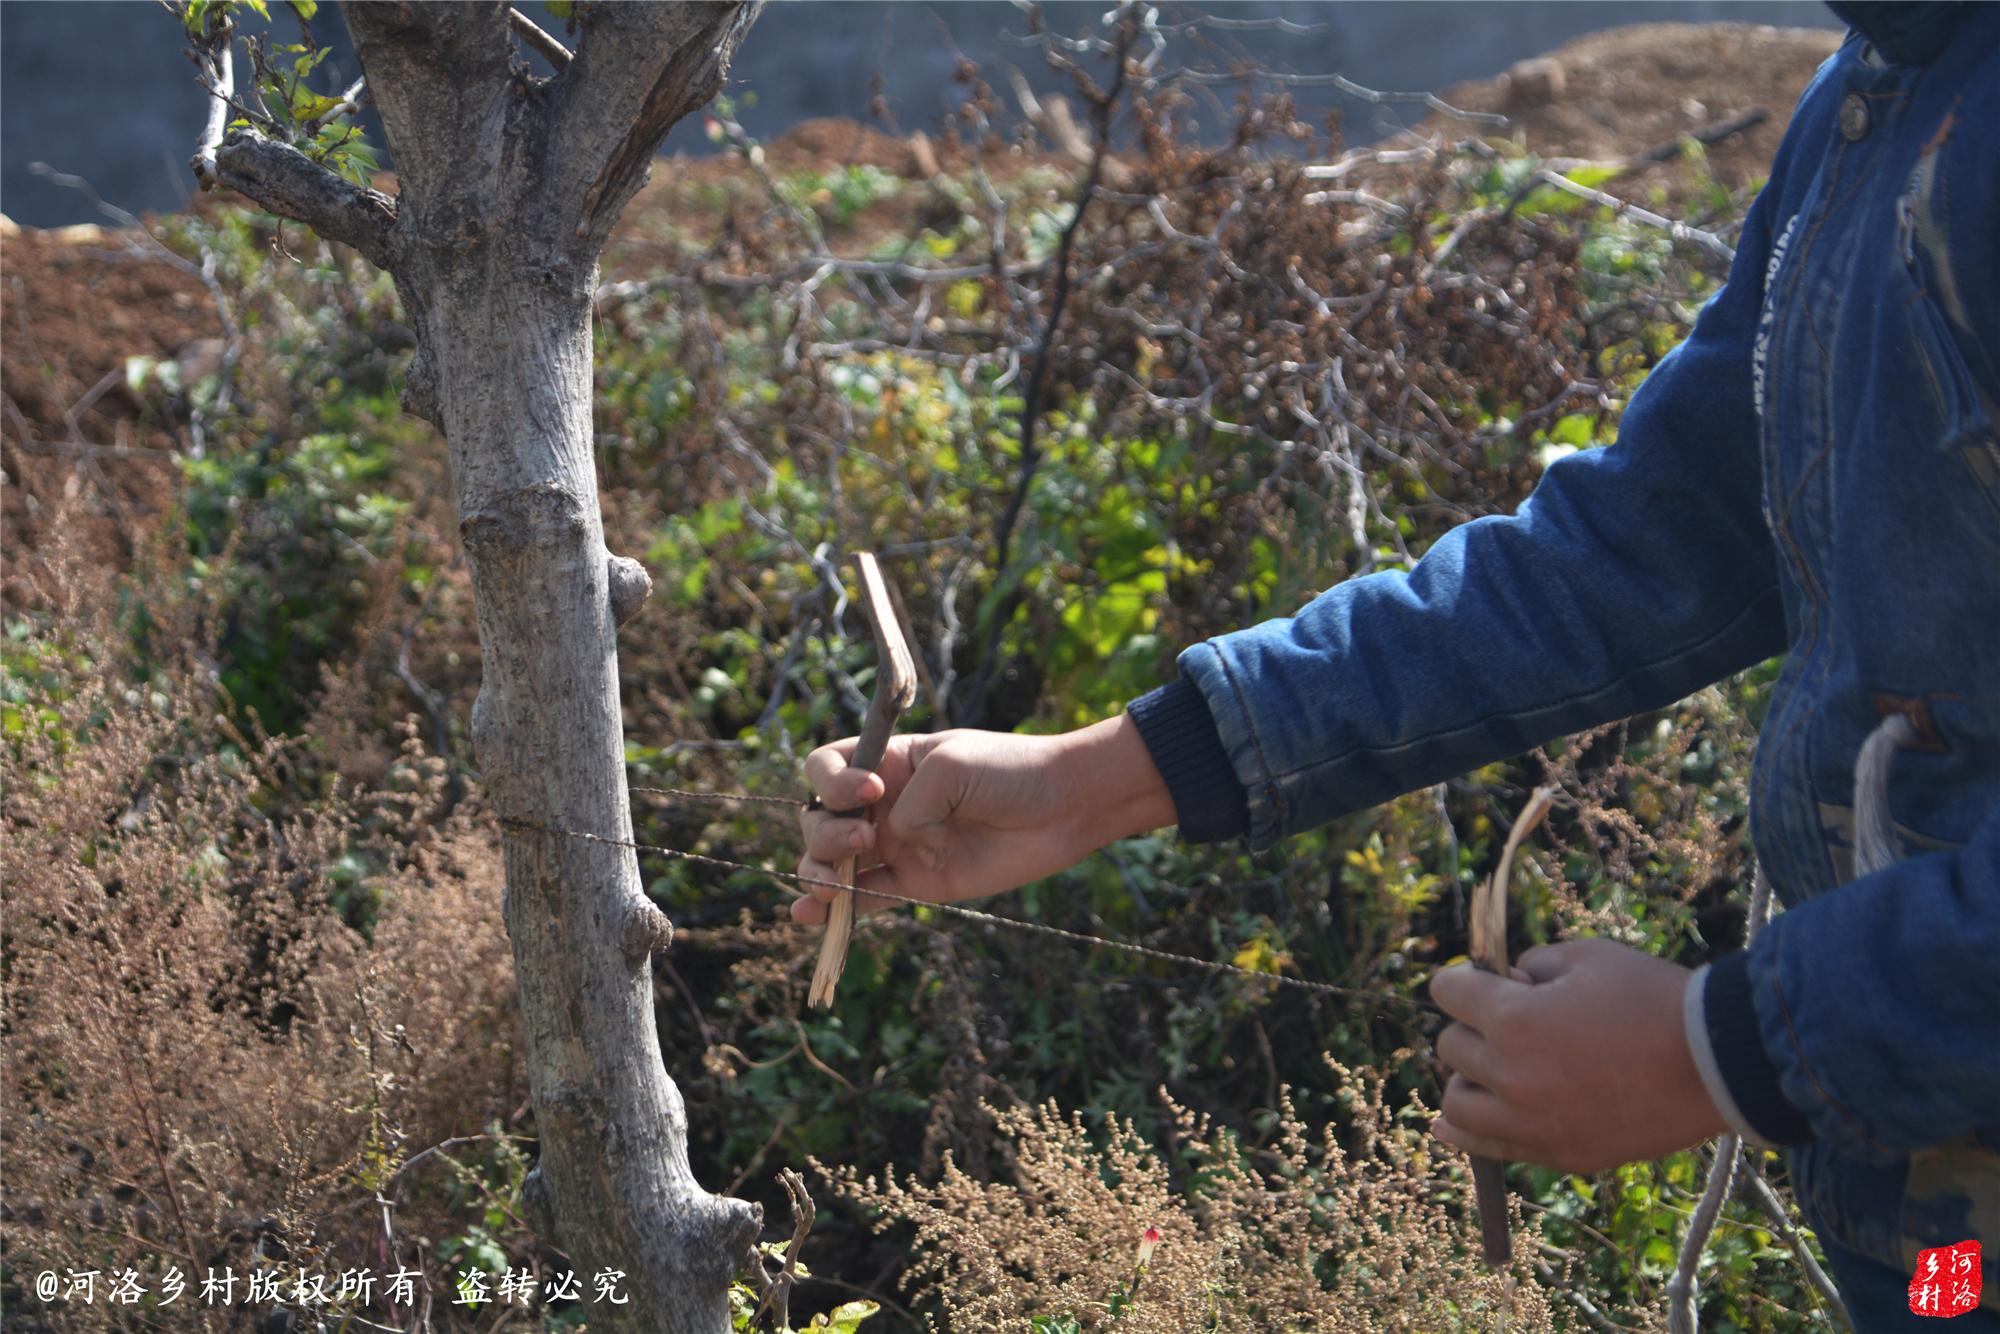 农村女人性交视频_农村10岁儿童表演铁丝锯树,受快手视频影响,张口:老铁